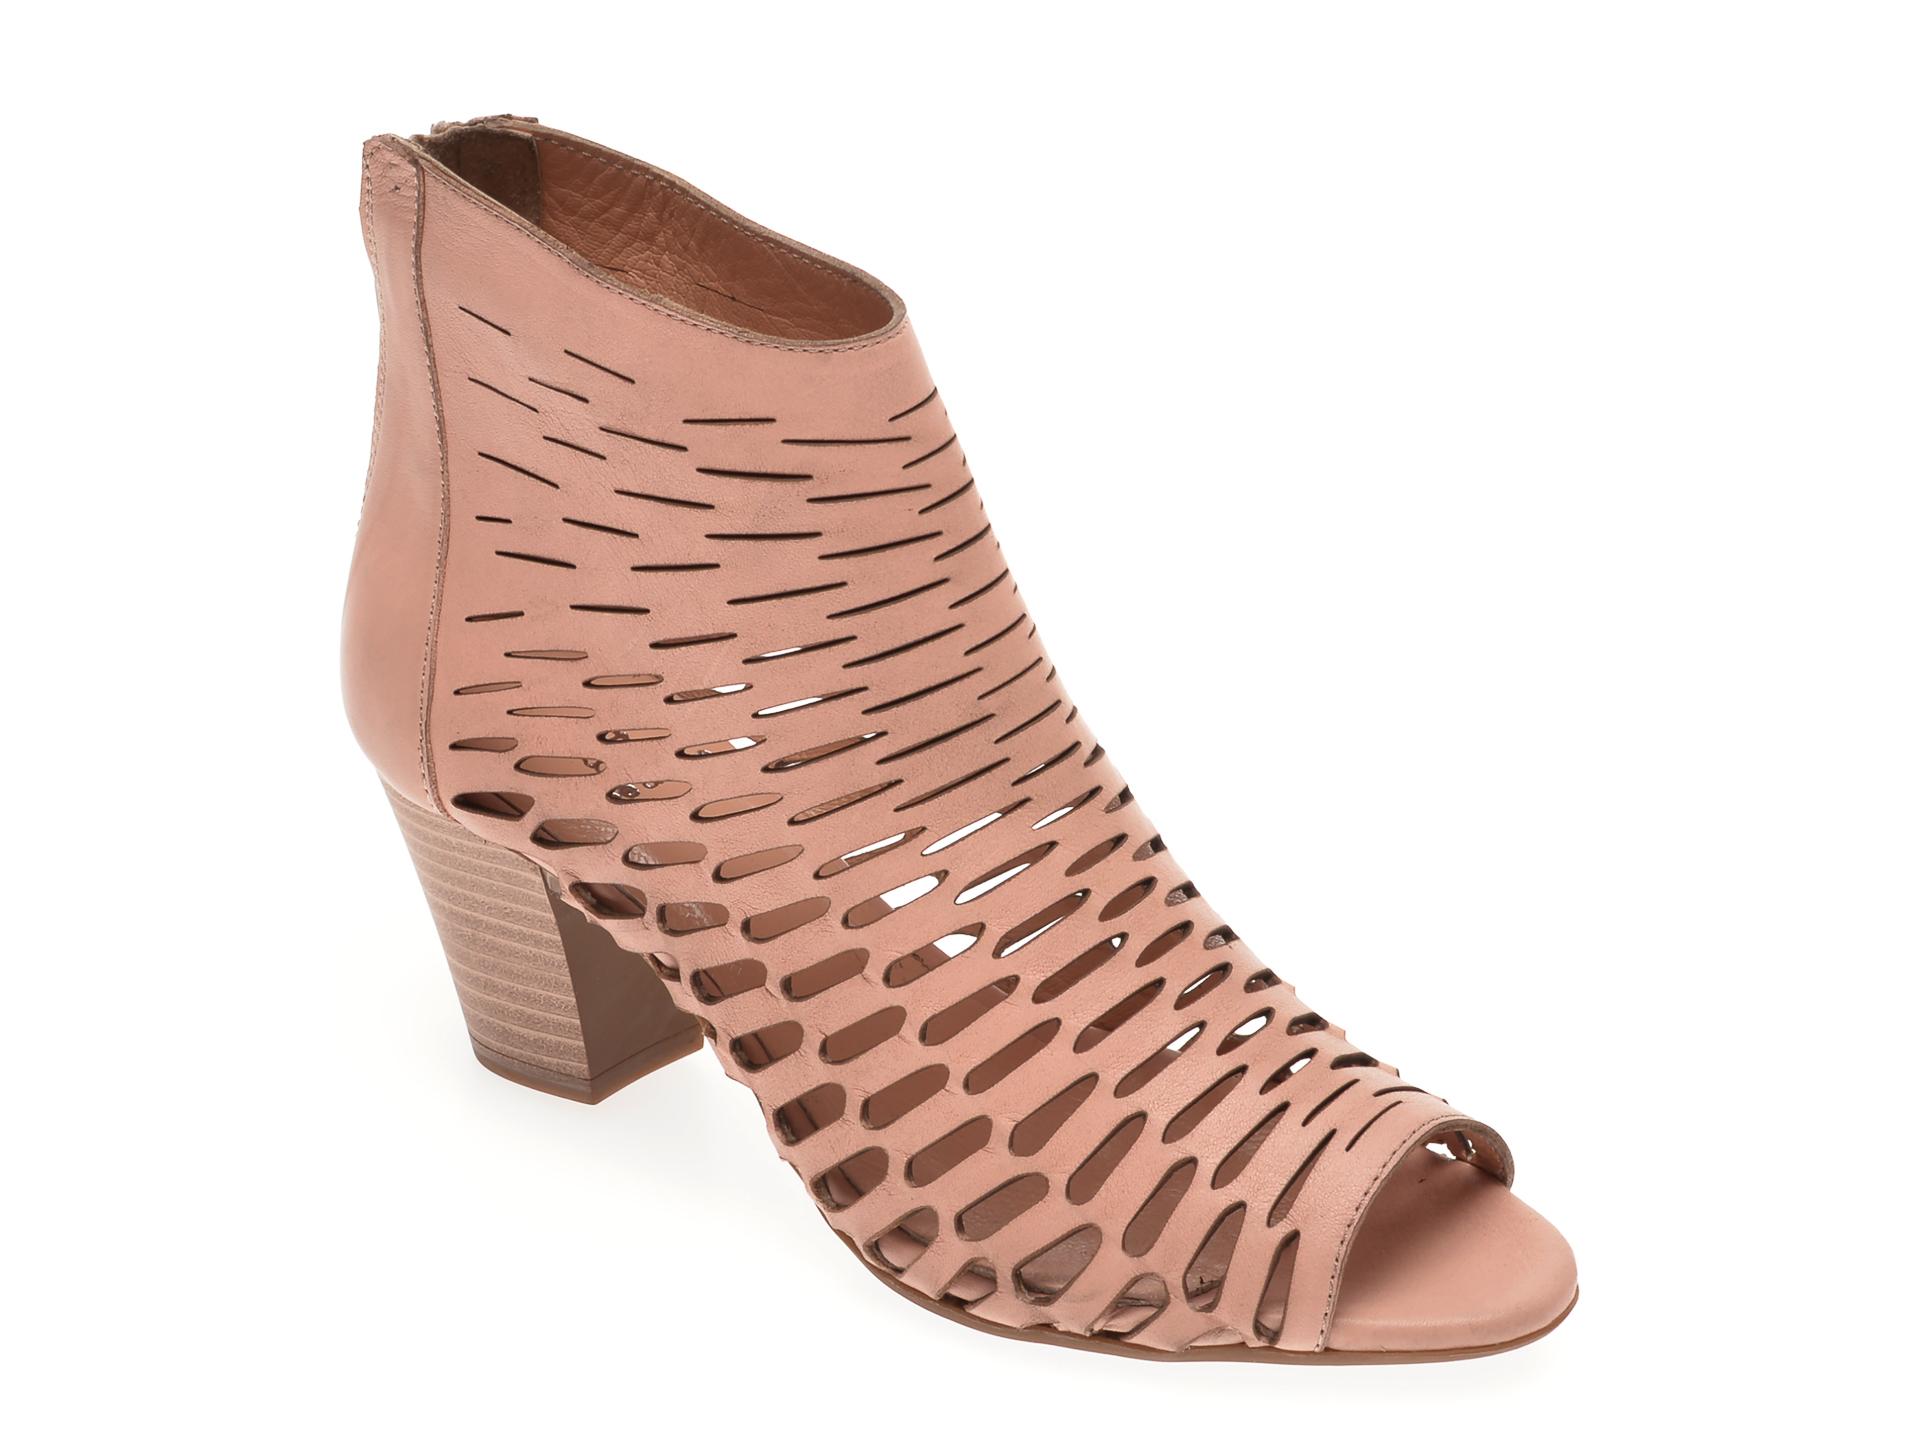 Sandale BABOOS nude, 339, din piele naturala